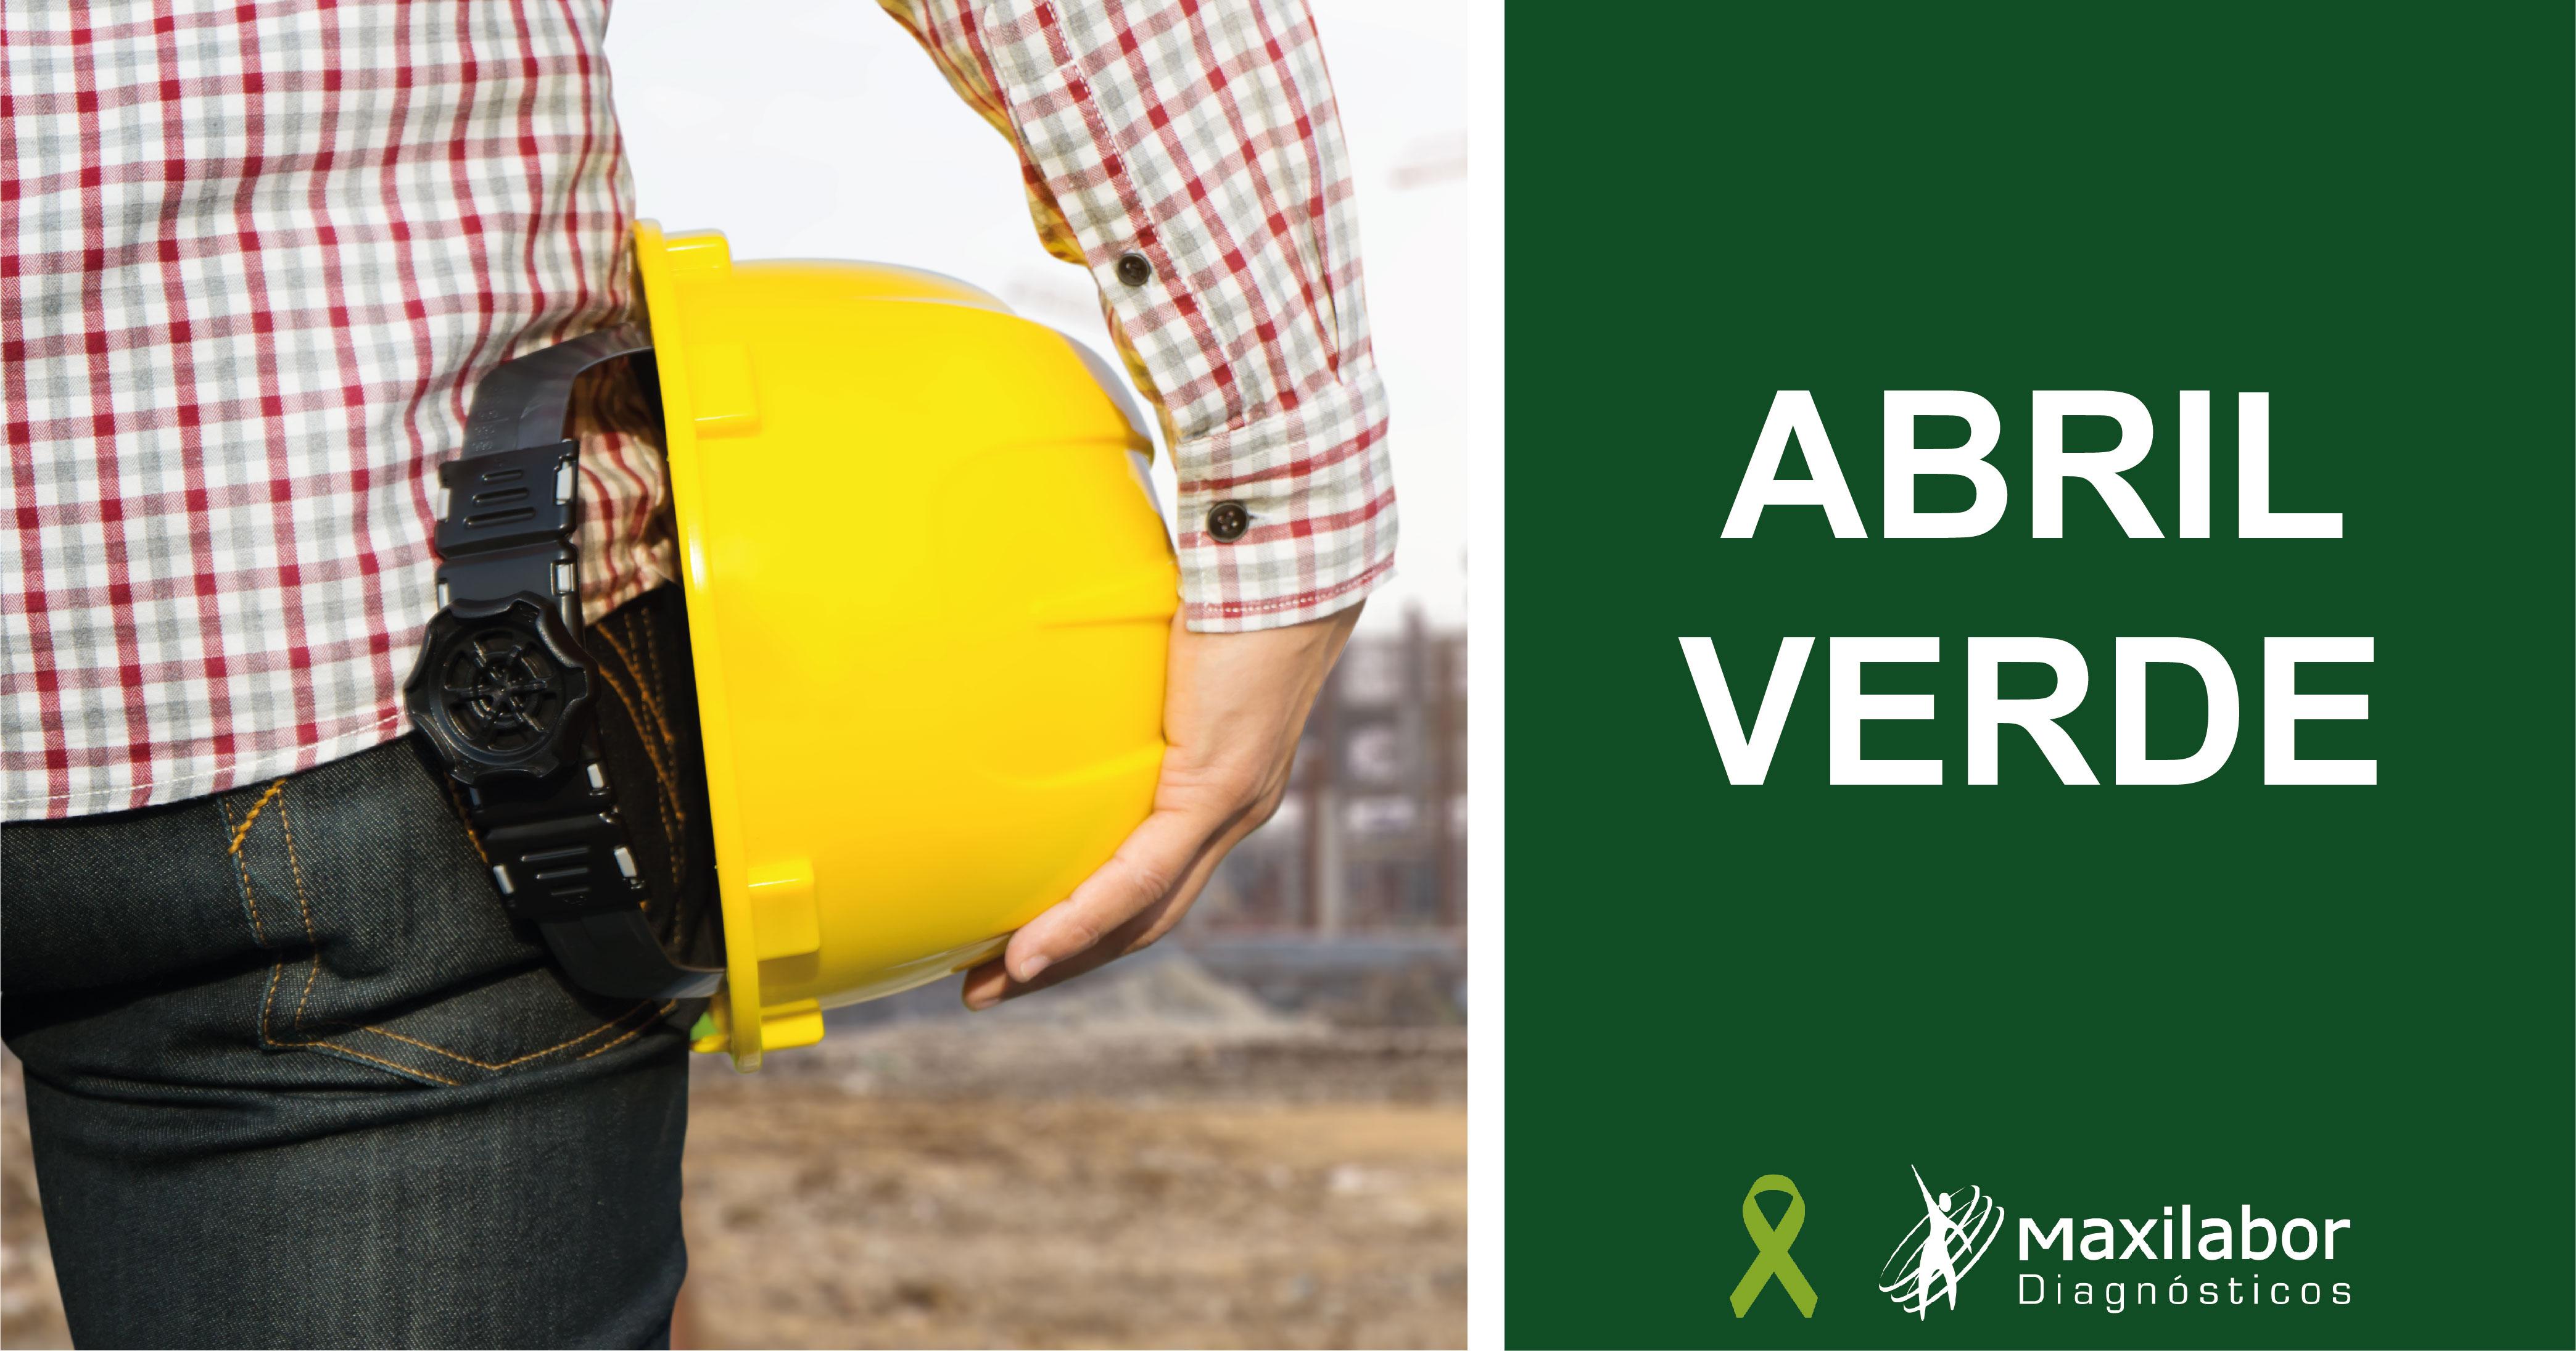 Abril Verde – Trabalho mais seguro e saudável para todos